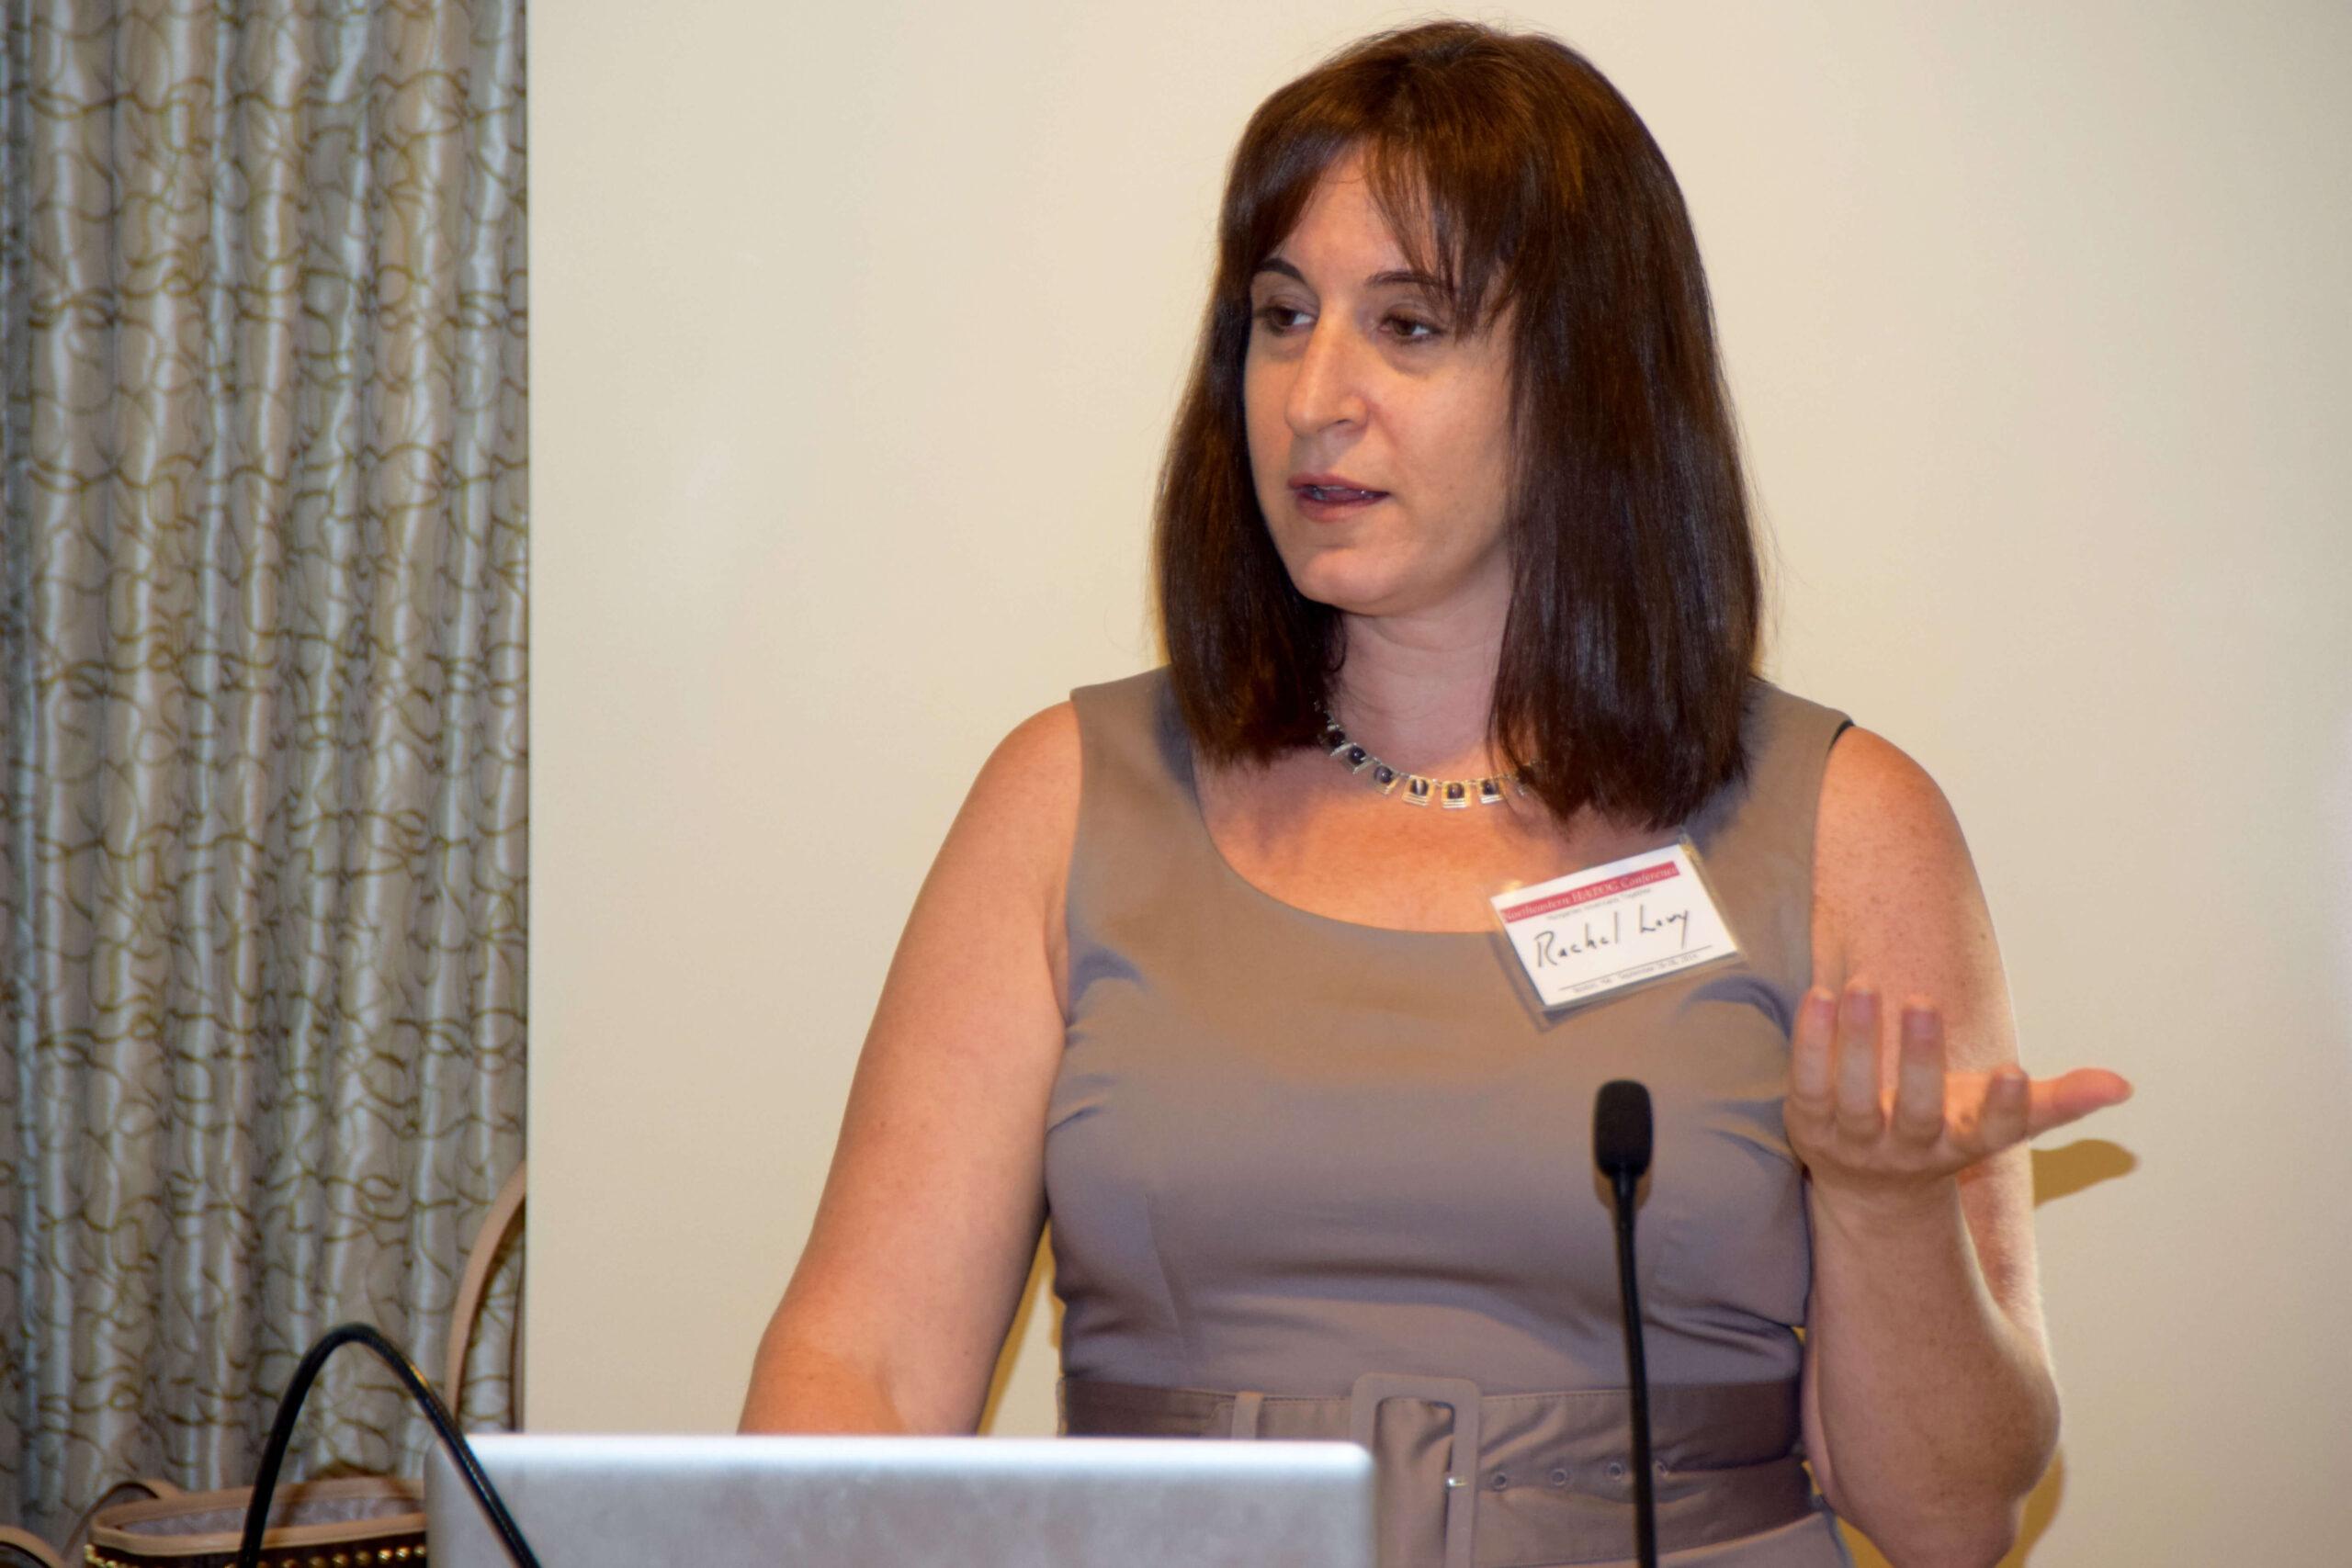 Ms. Rachel Levy